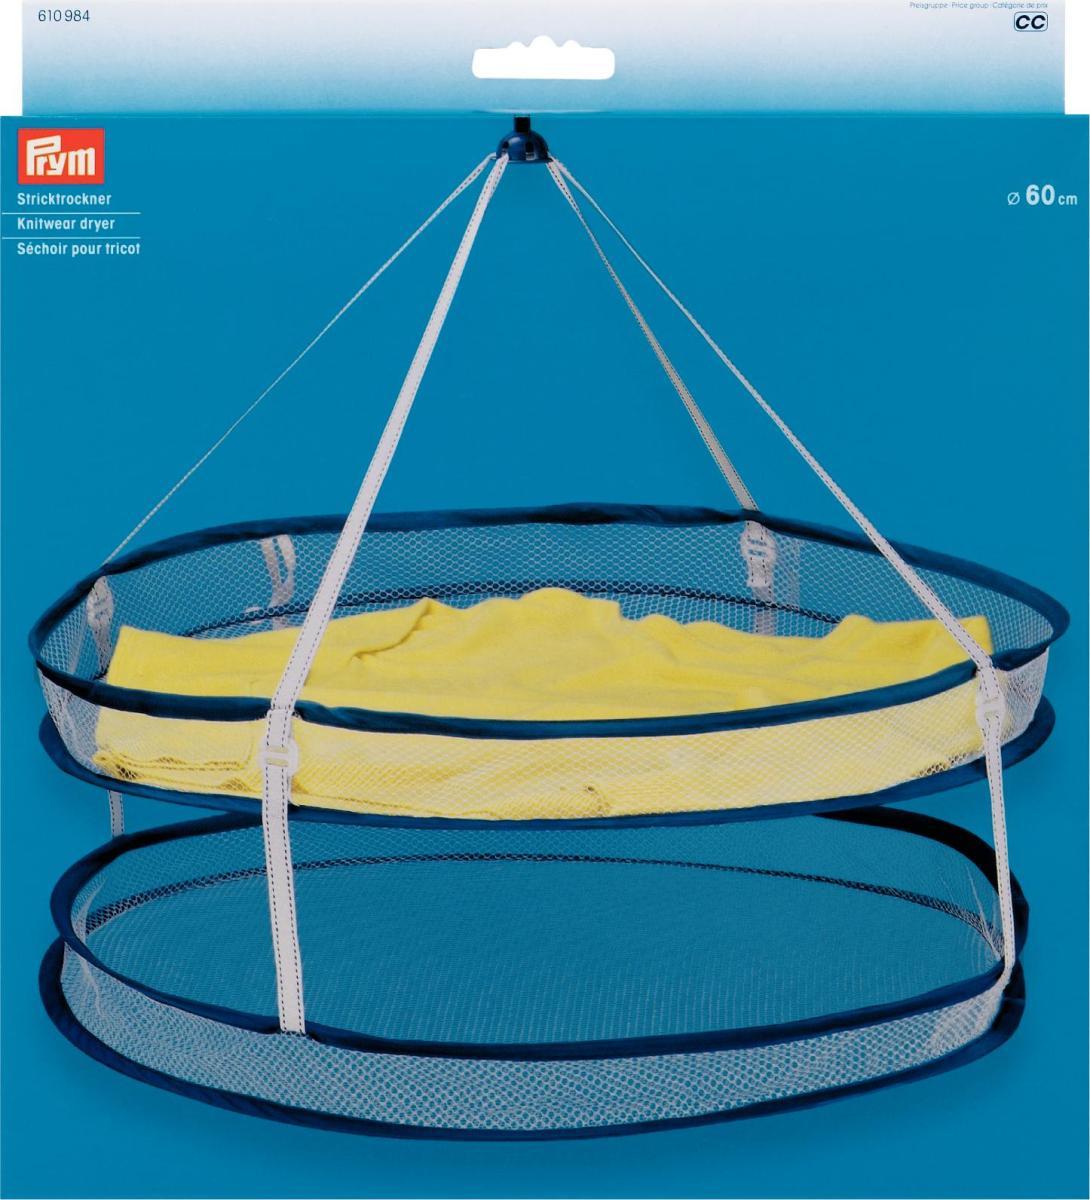 Сушилка для трикотажа Prym, подвесная, диаметр 60 см610984Подвесная сушилка Prym идеально подходит для сушки трикотажа и тонкого белья на воздухе, препятствует перетяжке одежды.